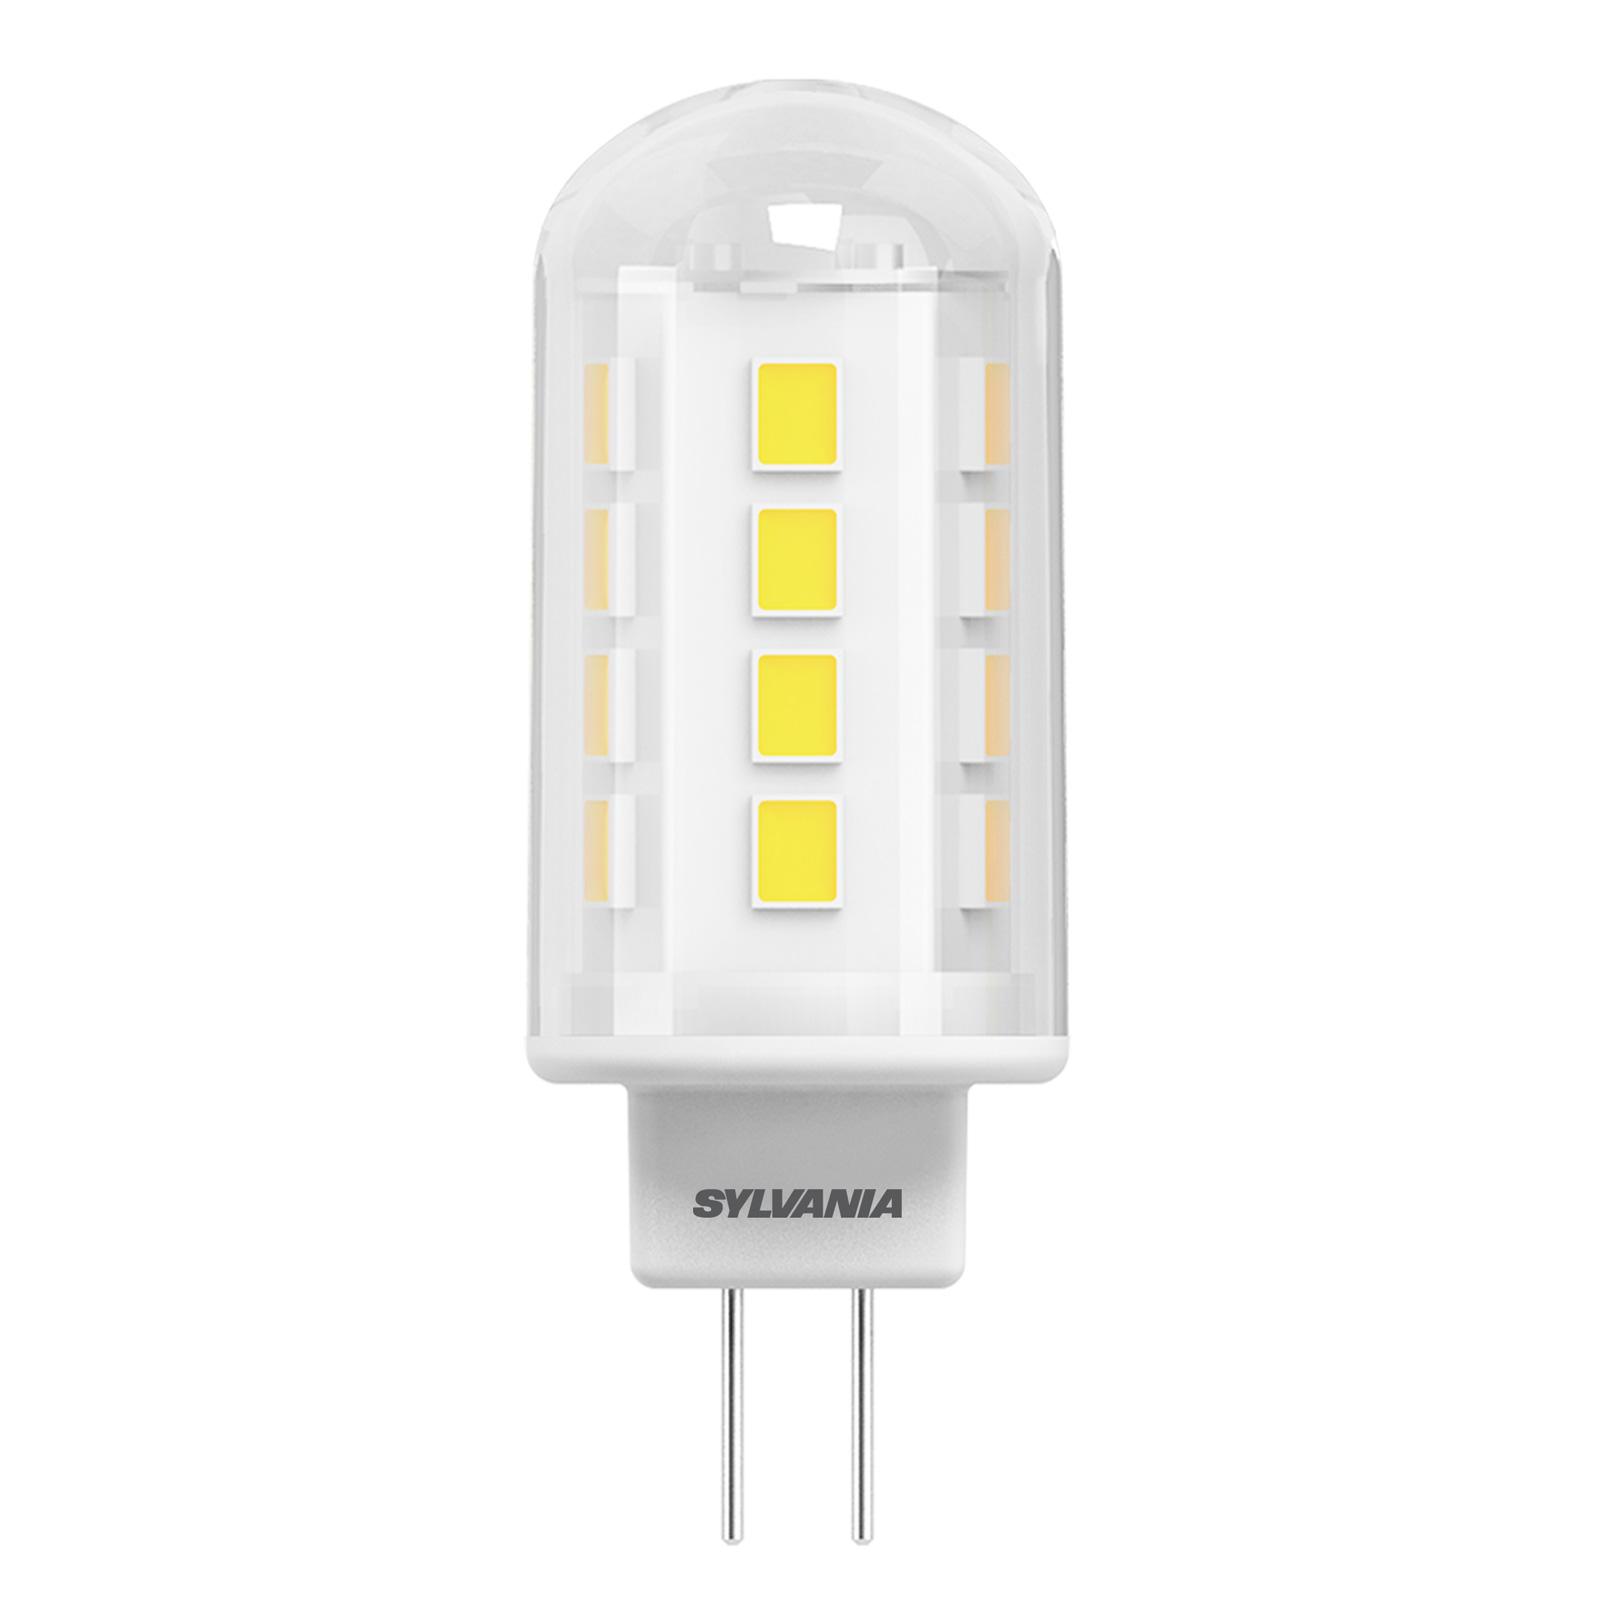 Żarówka sztyft LED ToLEDo G4 1,9W ciepła biel